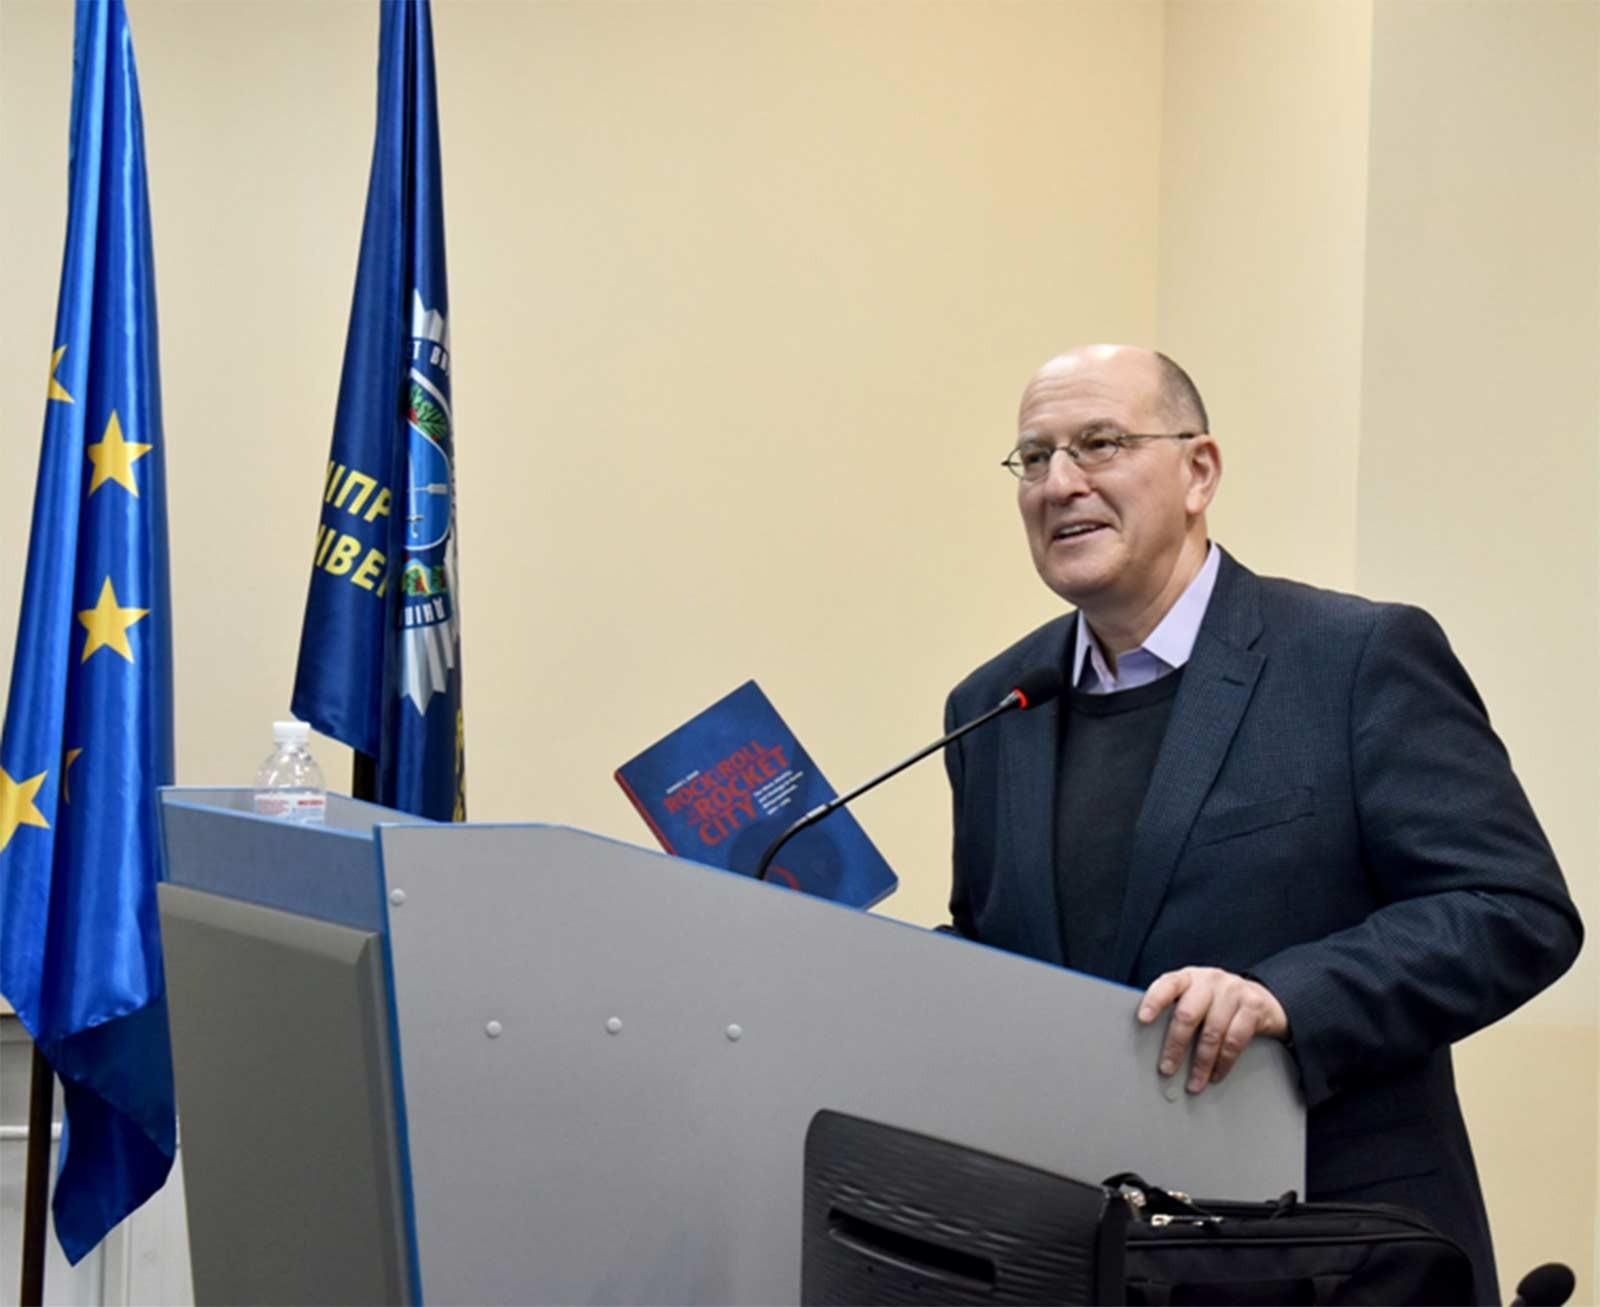 Професор із США Сергій Жук зустрівся зі здобувачами вищої освіти ДДУВС